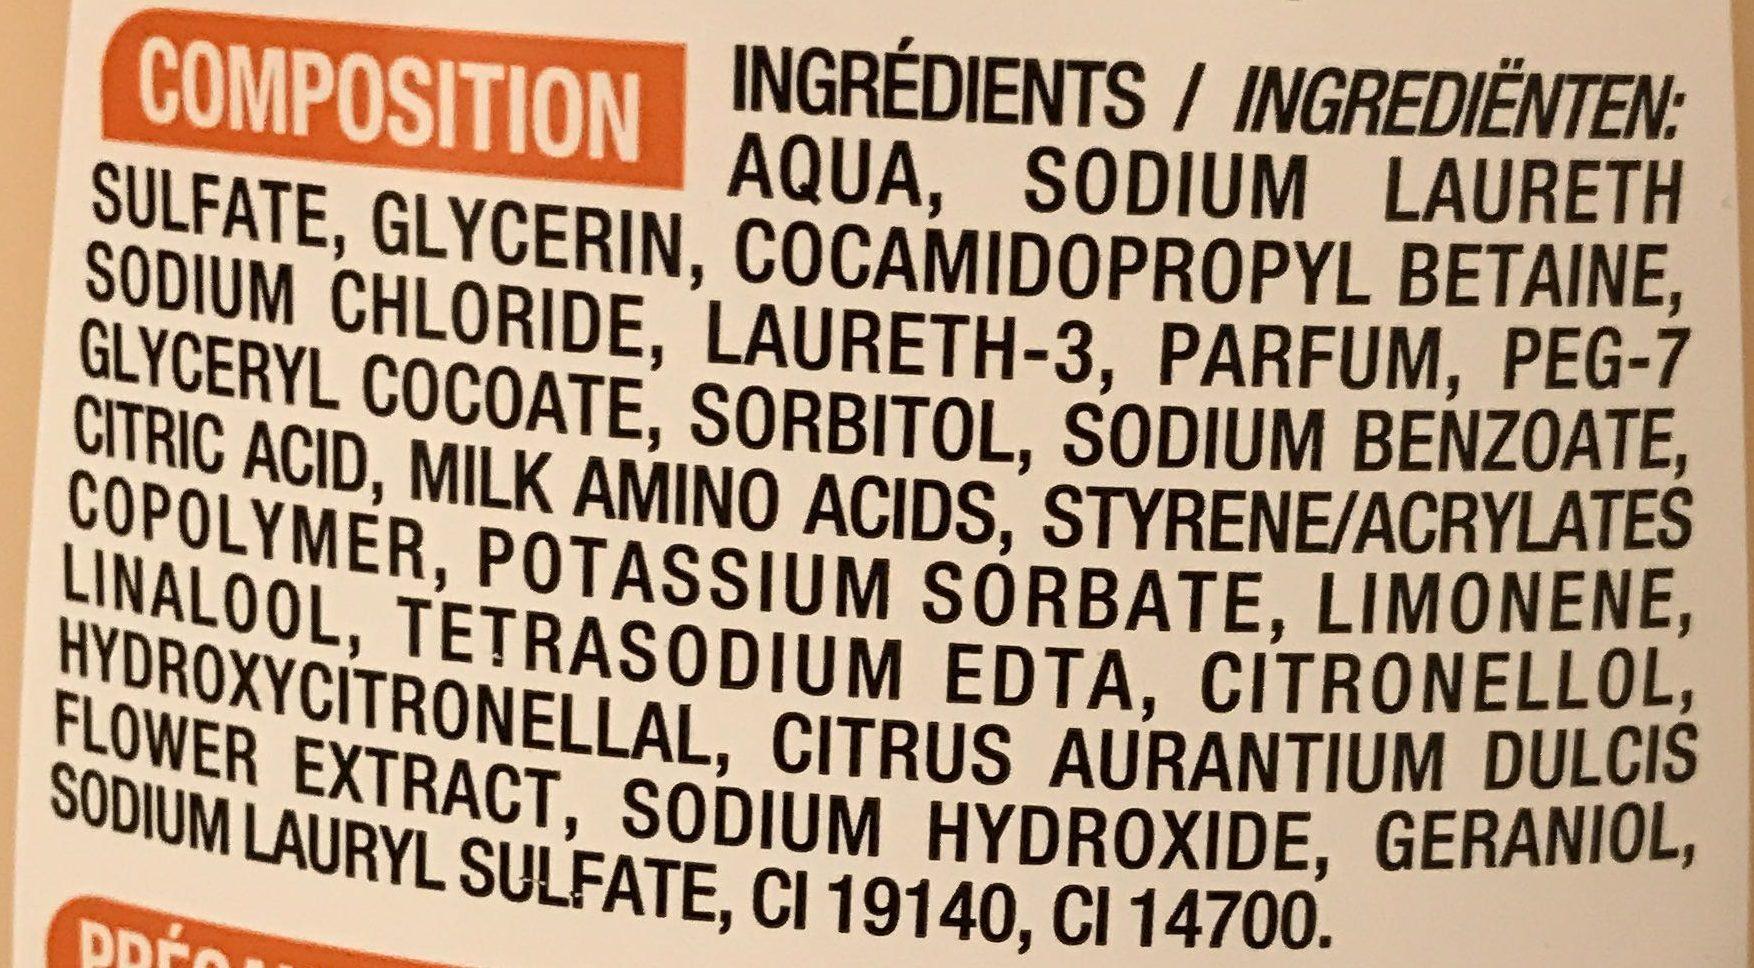 Lait de douche fleur d'oranger - Ingredients